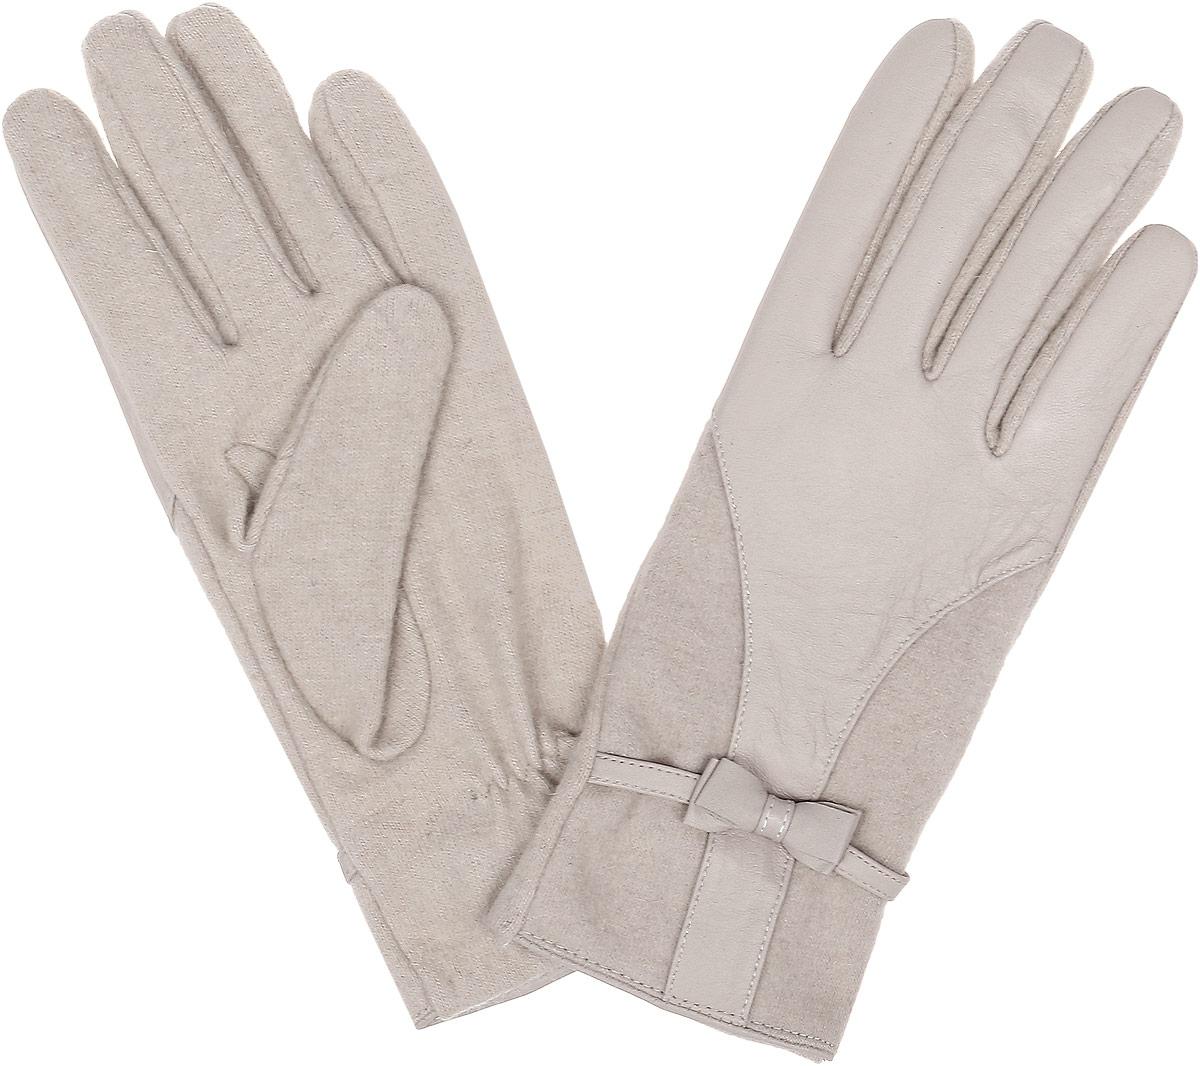 Перчатки3.1-5 beigeСтильные женские перчатки Fabretti не только защитят ваши руки, но и станут великолепным украшением. Перчатки выполнены из натуральной кожи ягненка и высококачественной шерсти. Модель дополнена декоративным бантиком. Перчатки имеют строчки- стежки на запястье, которые придают большее удобство при носке. Стильный аксессуар для повседневного образа.